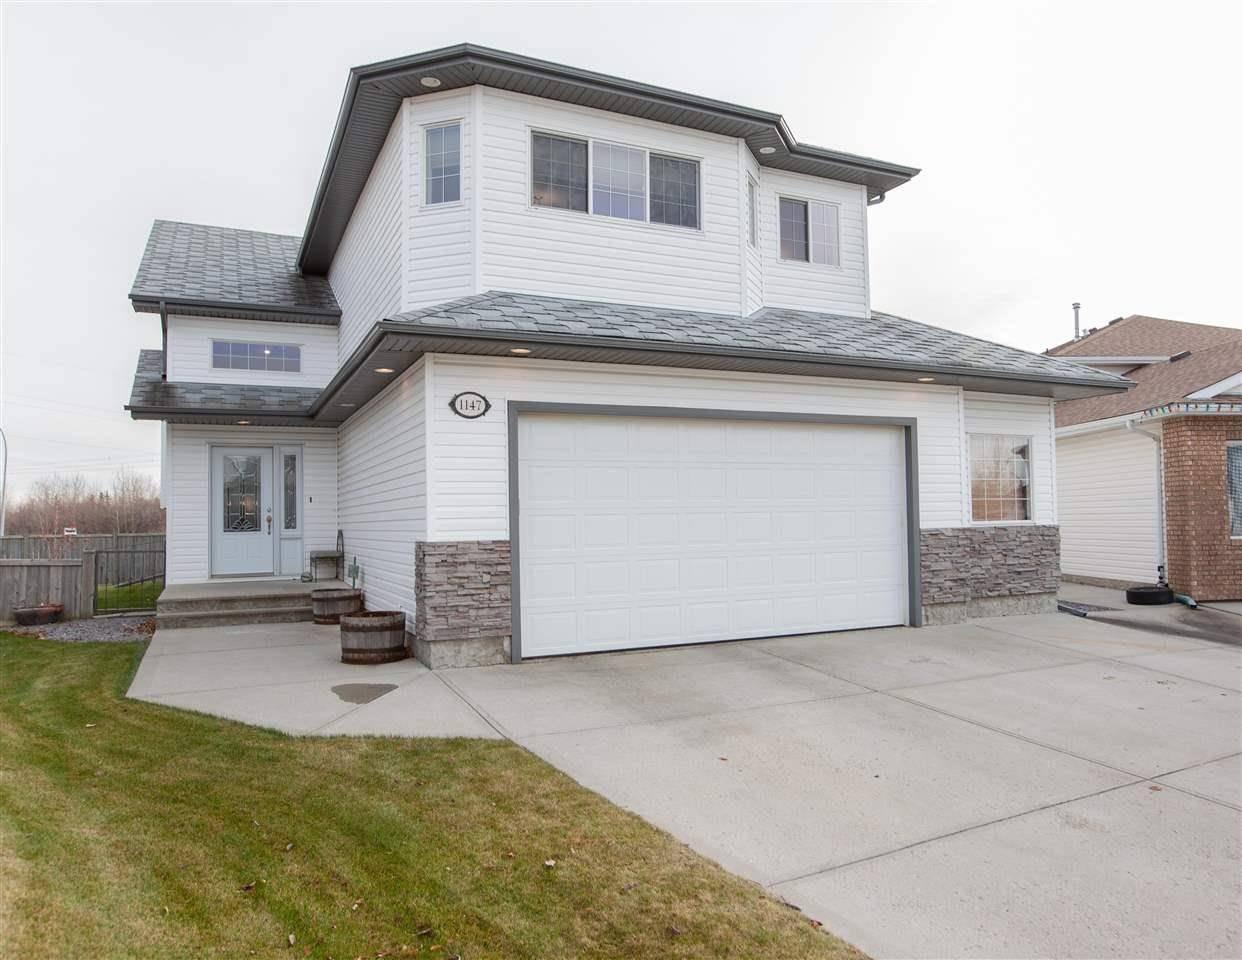 House for sale at 1147 Oakland Dr Devon Alberta - MLS: E4178785